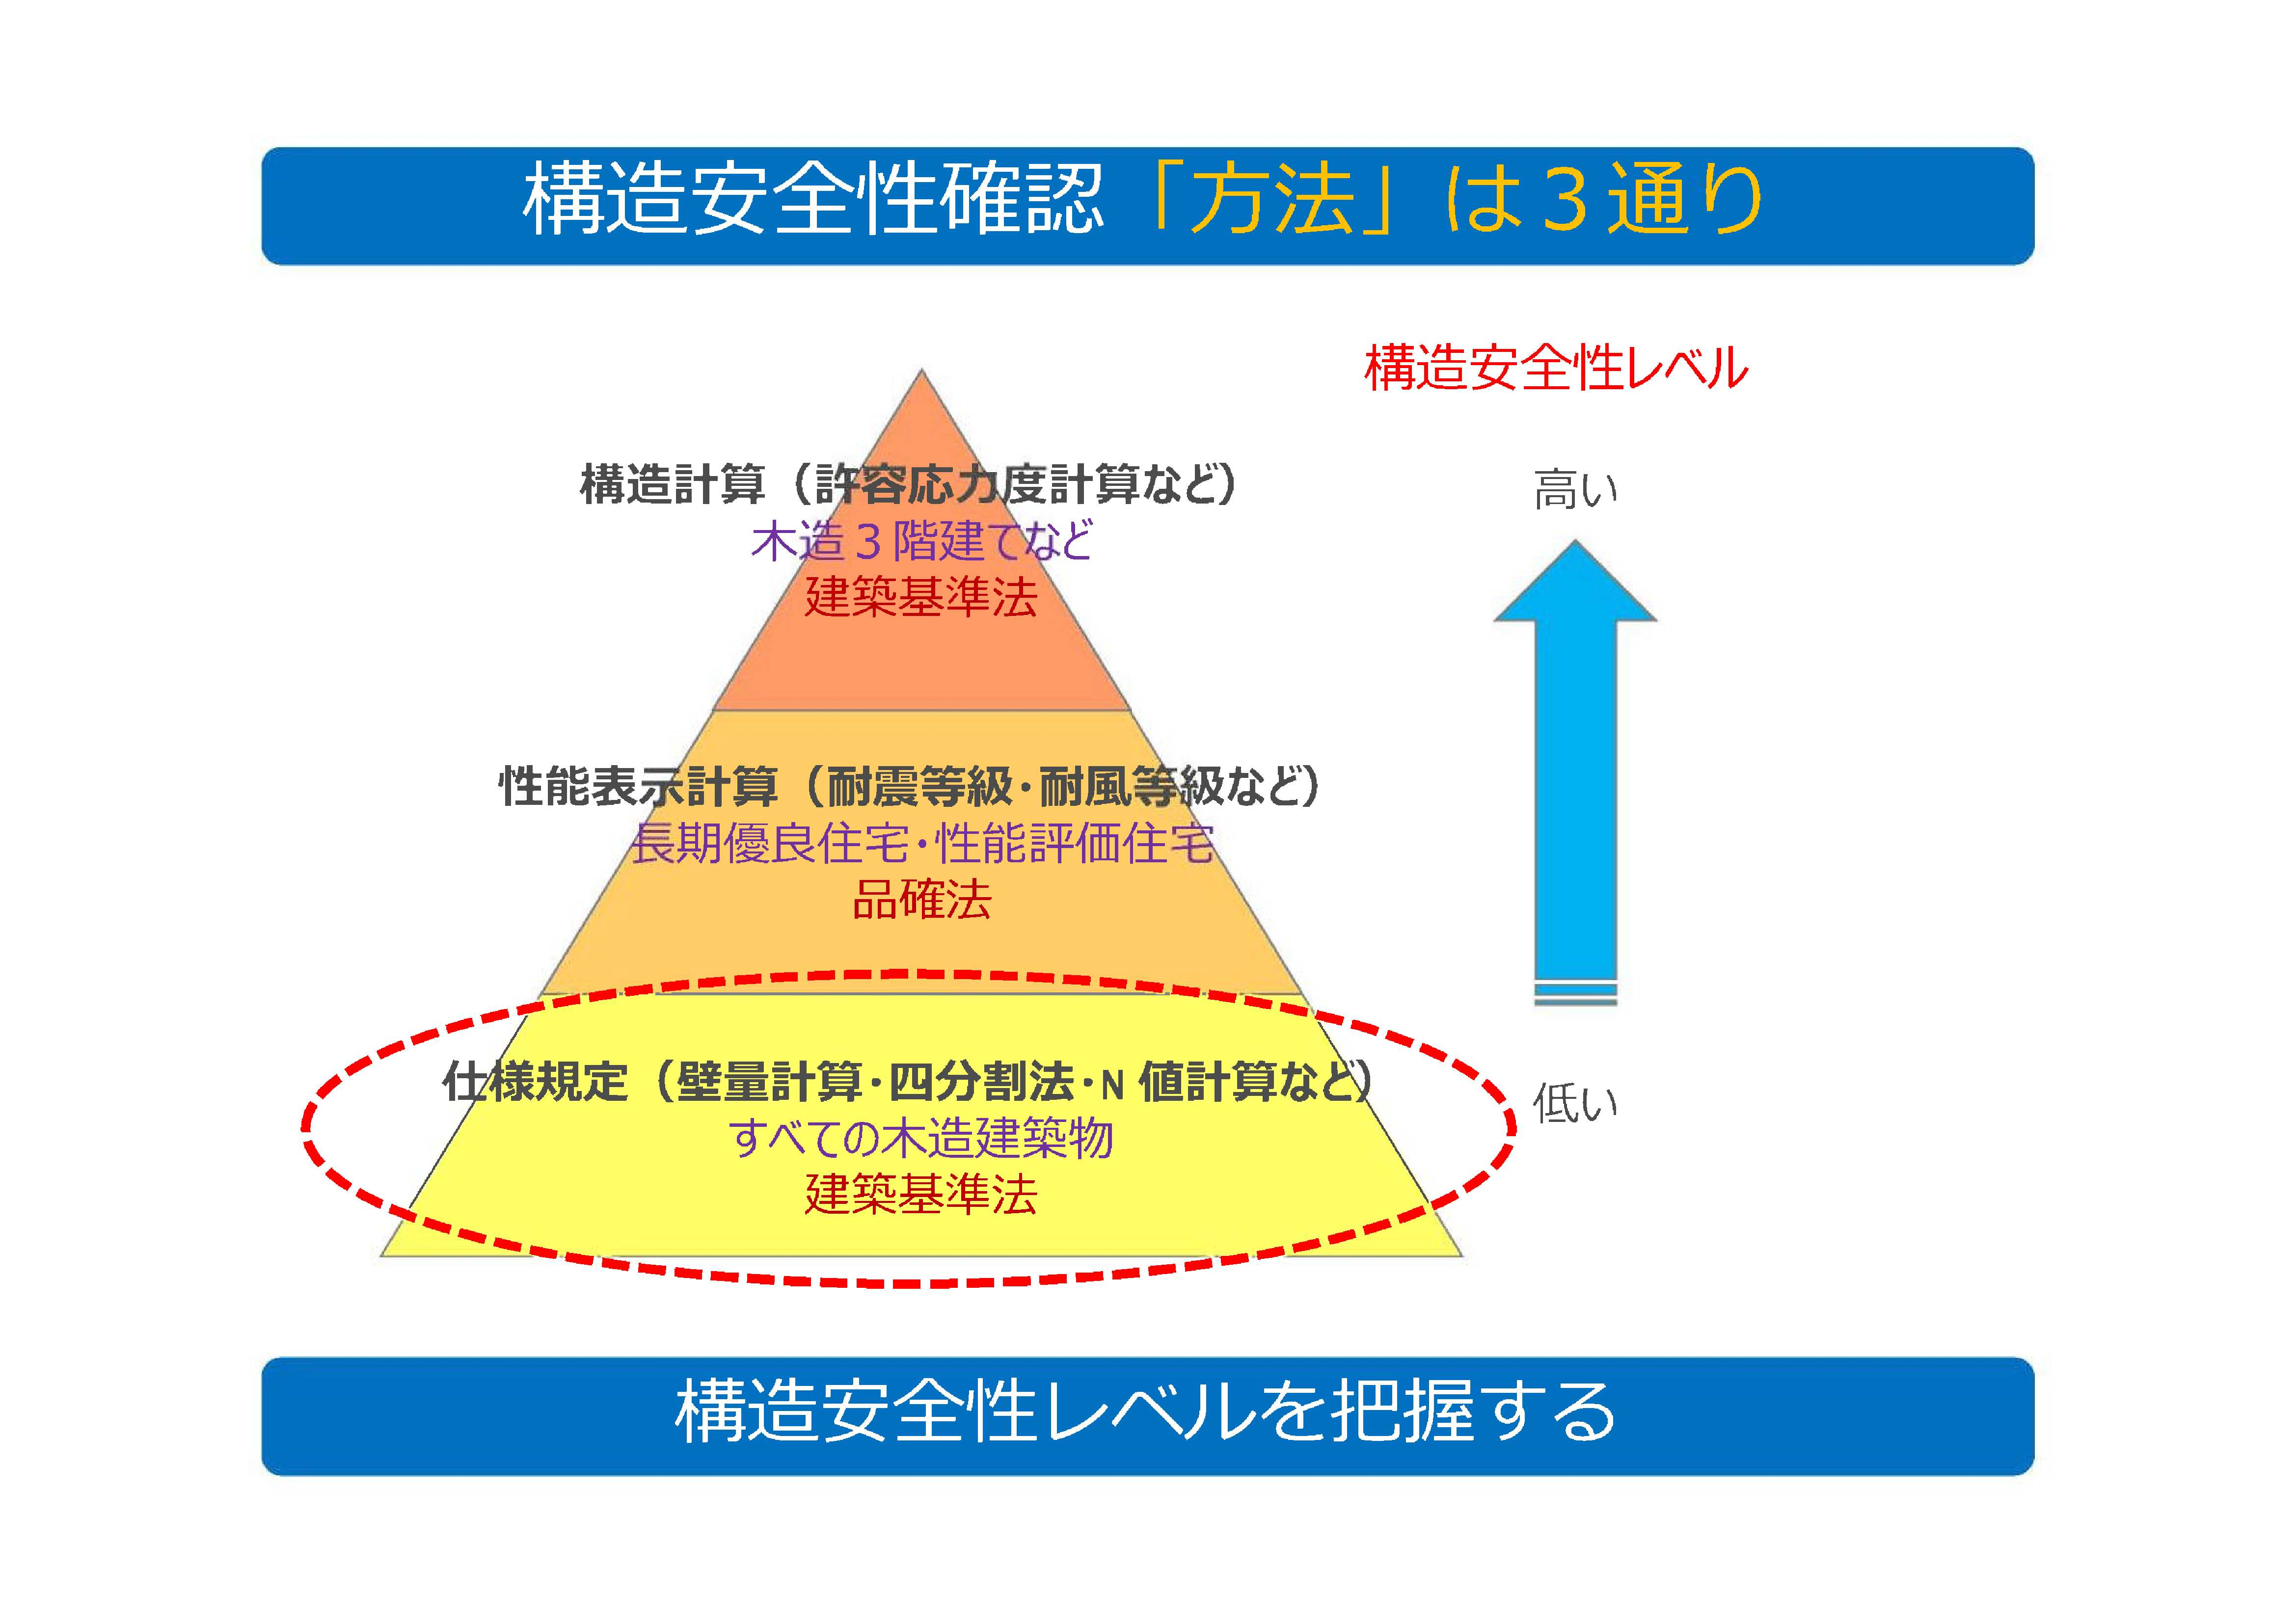 ▲○構造計算の重要性